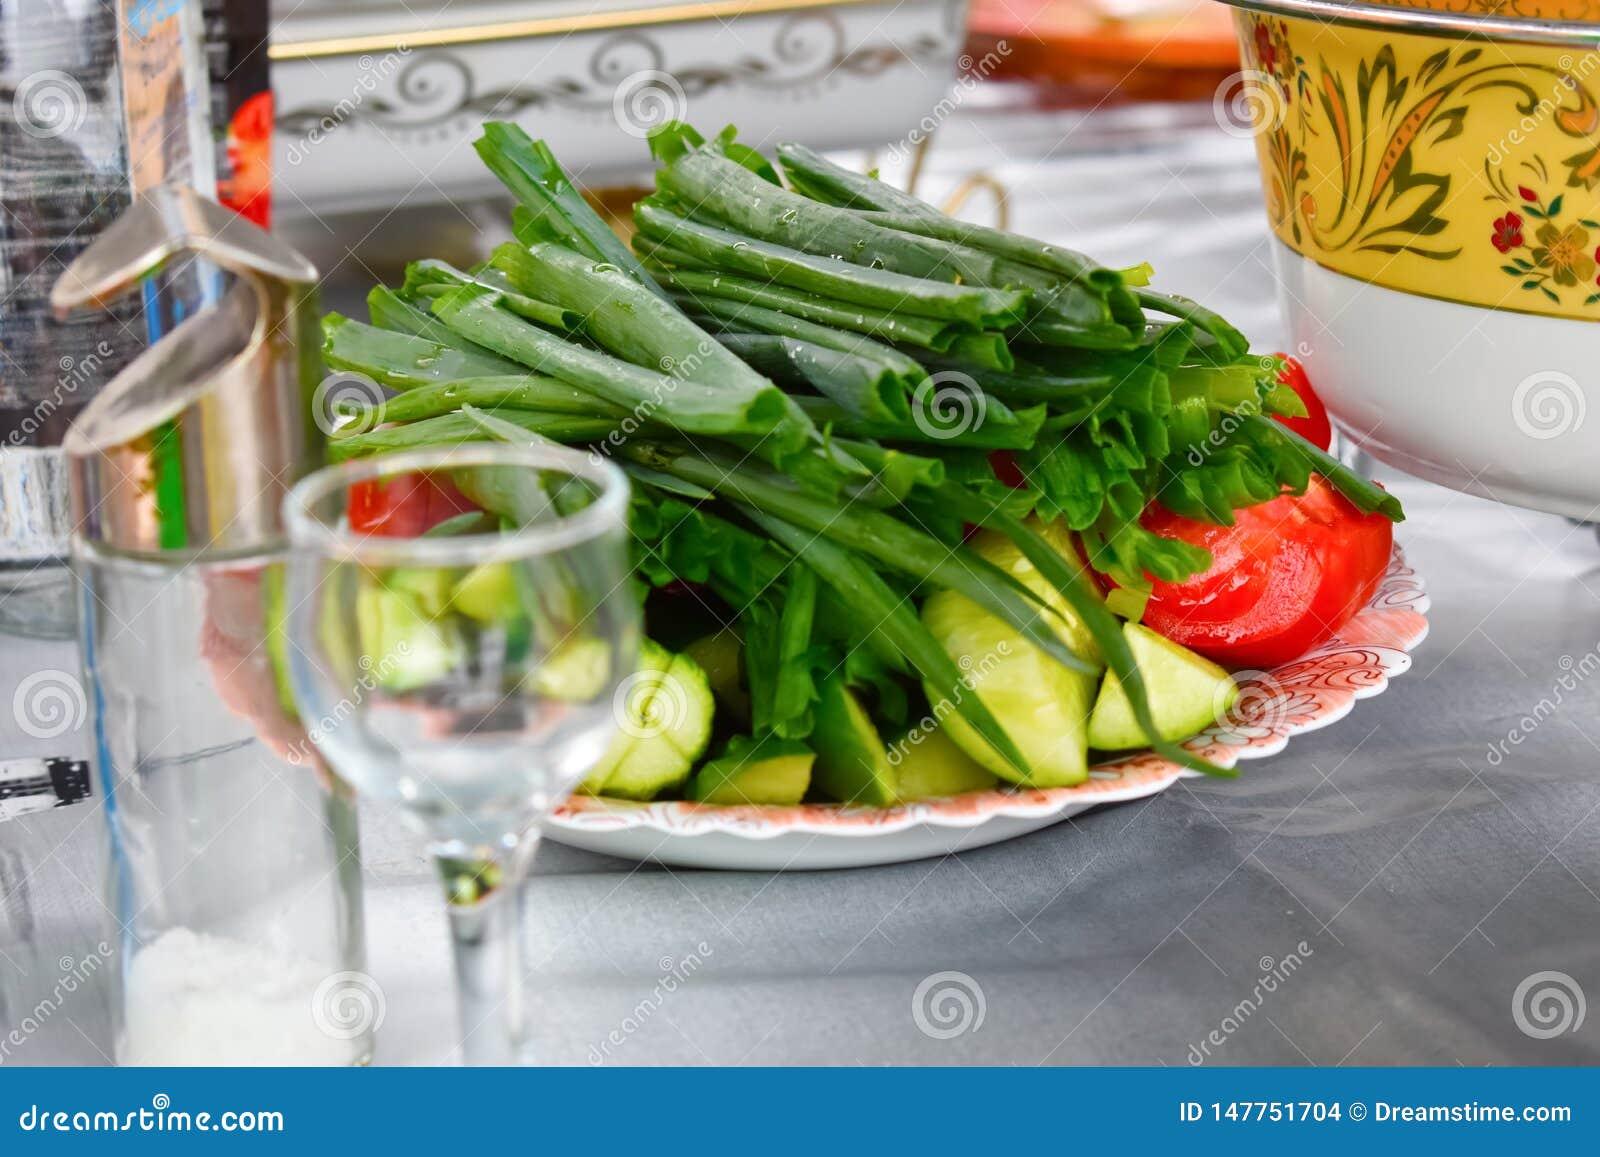 De groene uien, de komkommers en de tomaten op een schotel sluiten omhoog